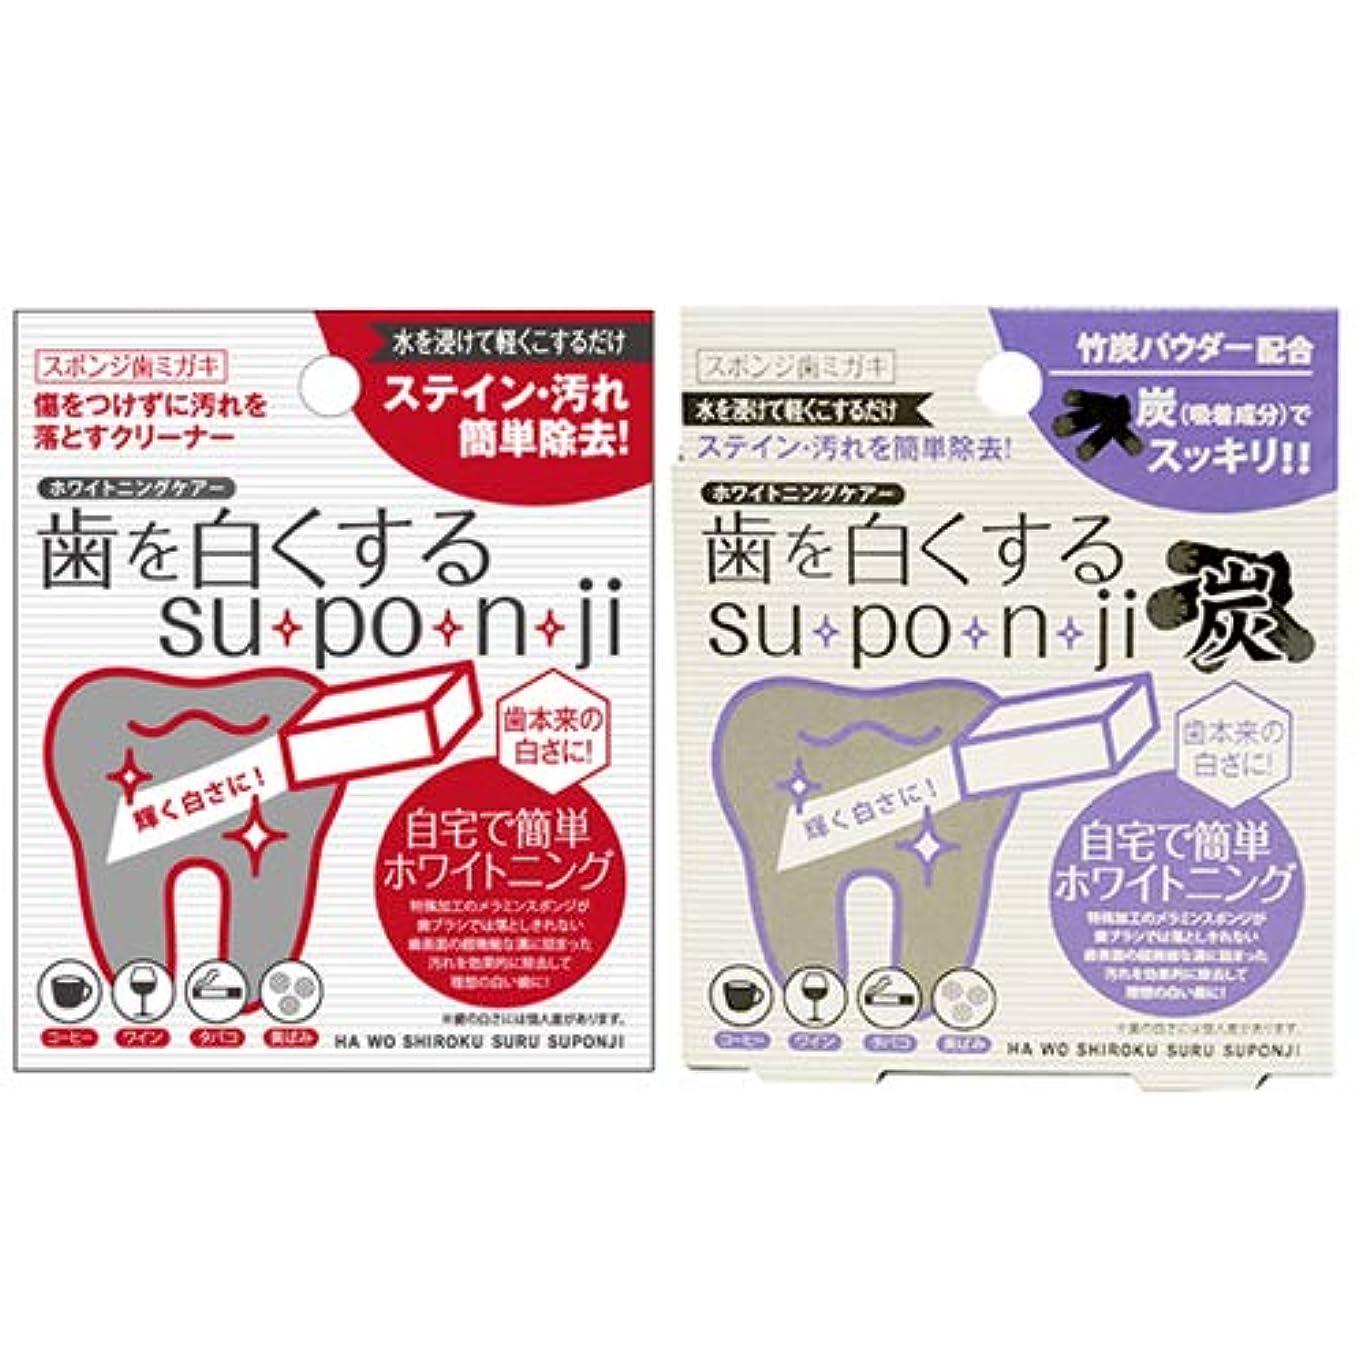 ドーム子羊ダウン歯を白くする su?po?n?ji 炭 スポンジ 歯みがき レギュラー+炭 2個セット